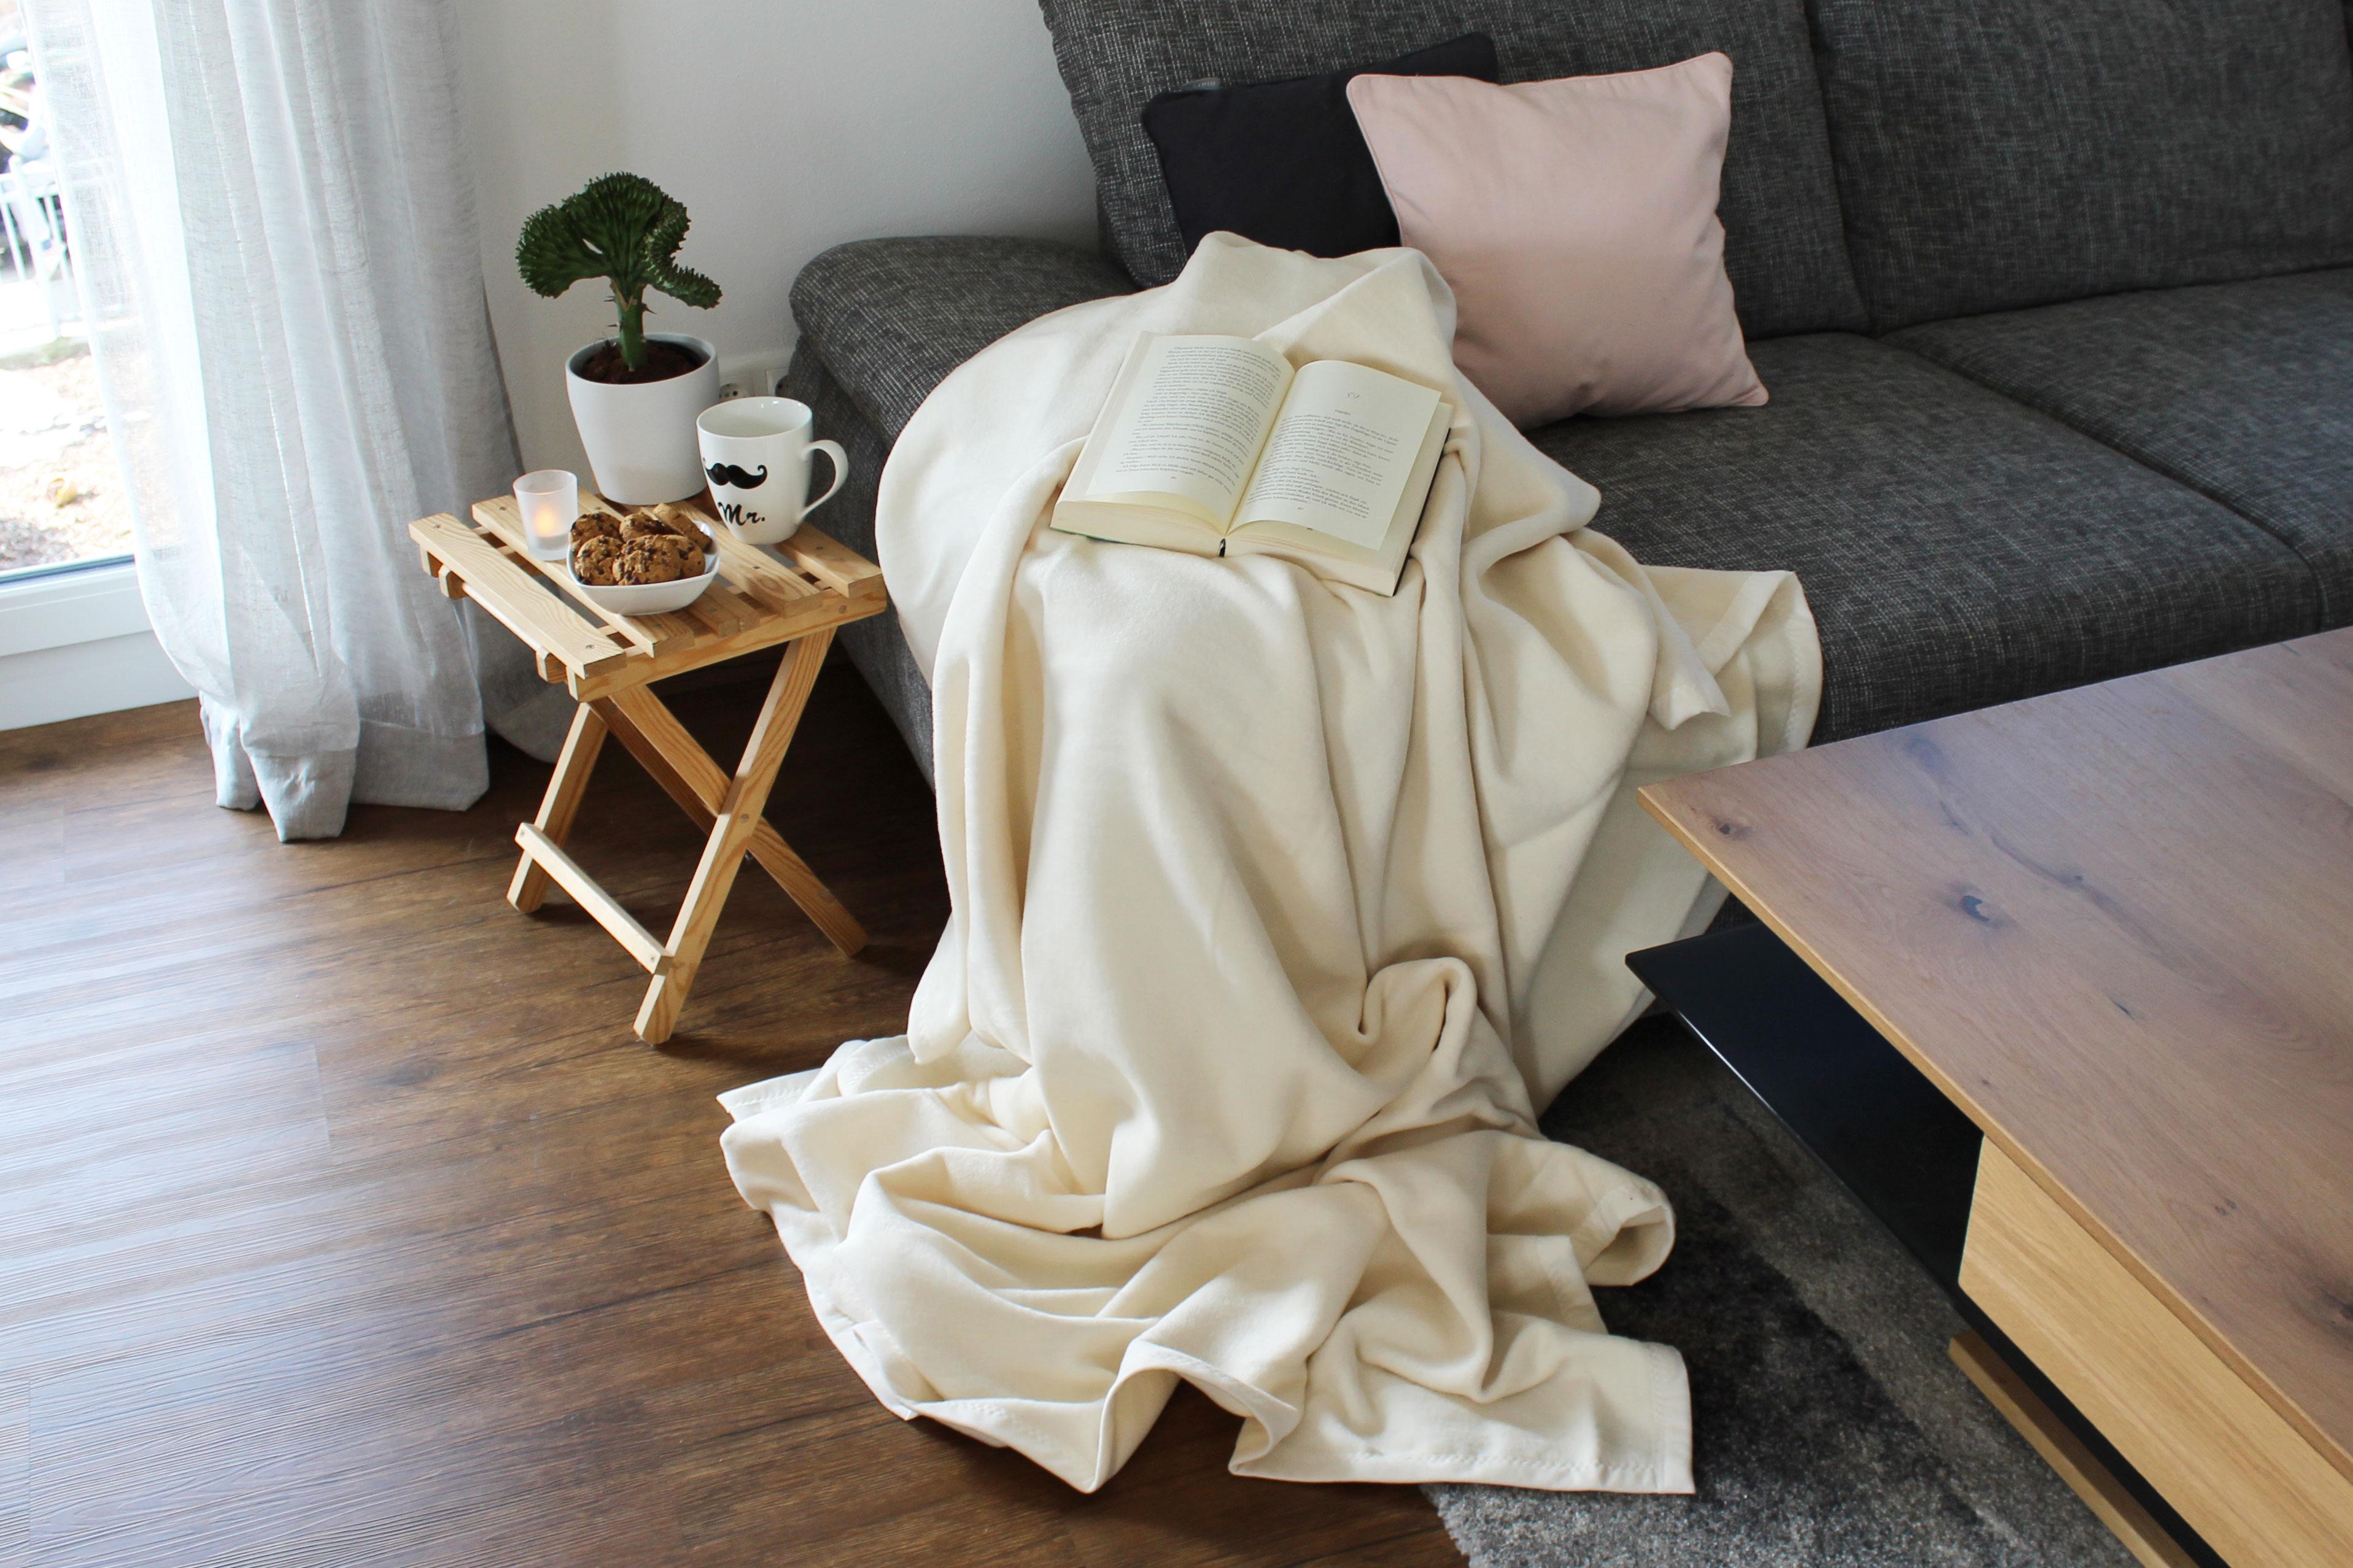 UnabhäNgig Teppich Acryl Braun By Loom In Bloom Bestellungen Sind Willkommen. 90 X 90 X 3 Cm